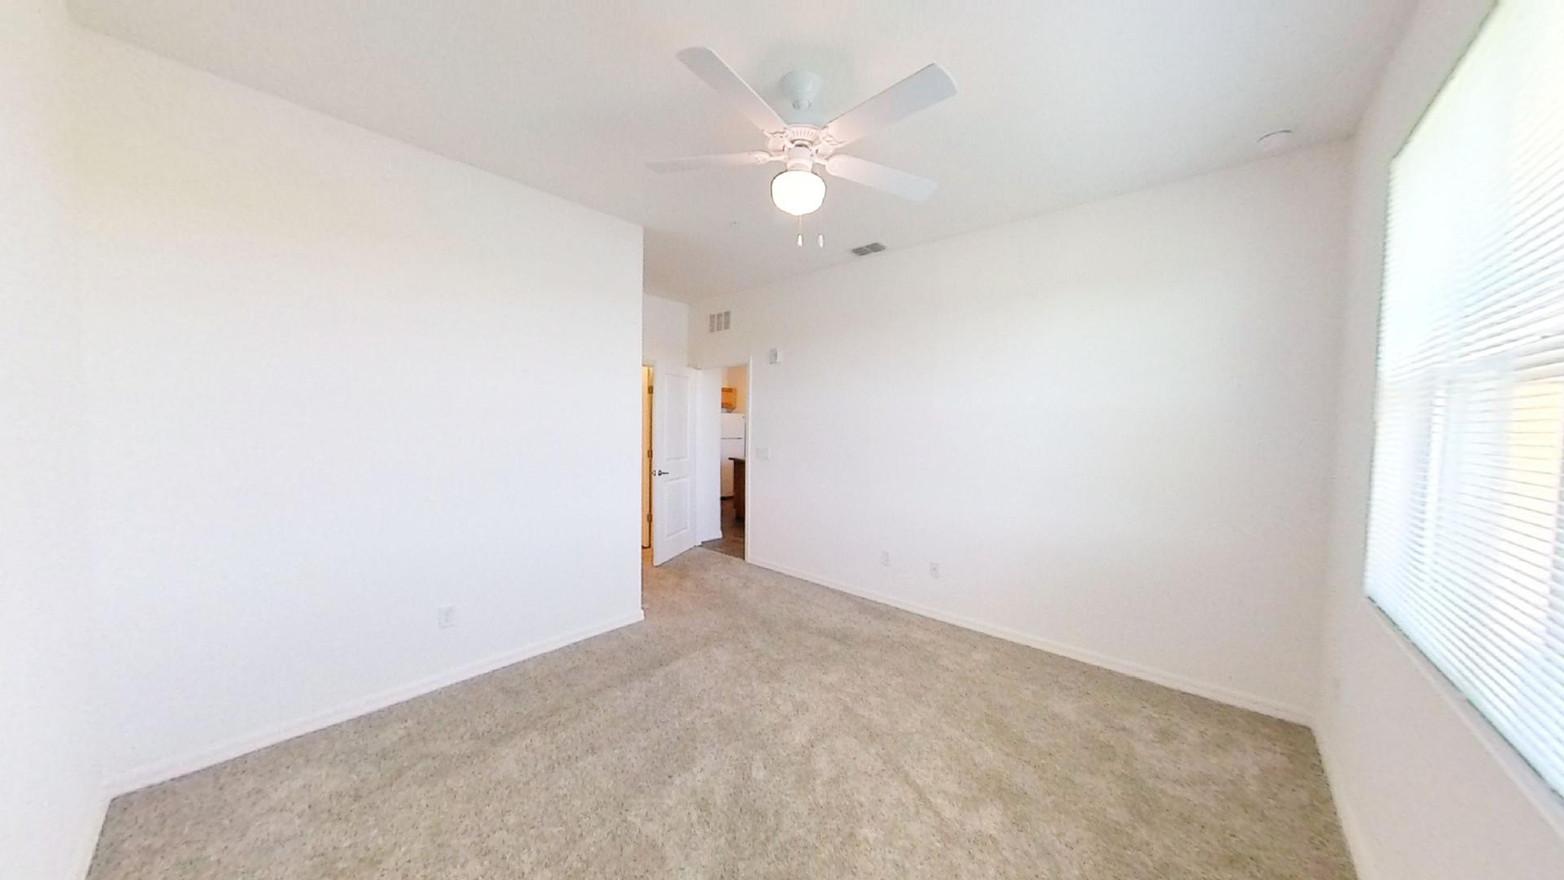 Interior unfurnished bedroom